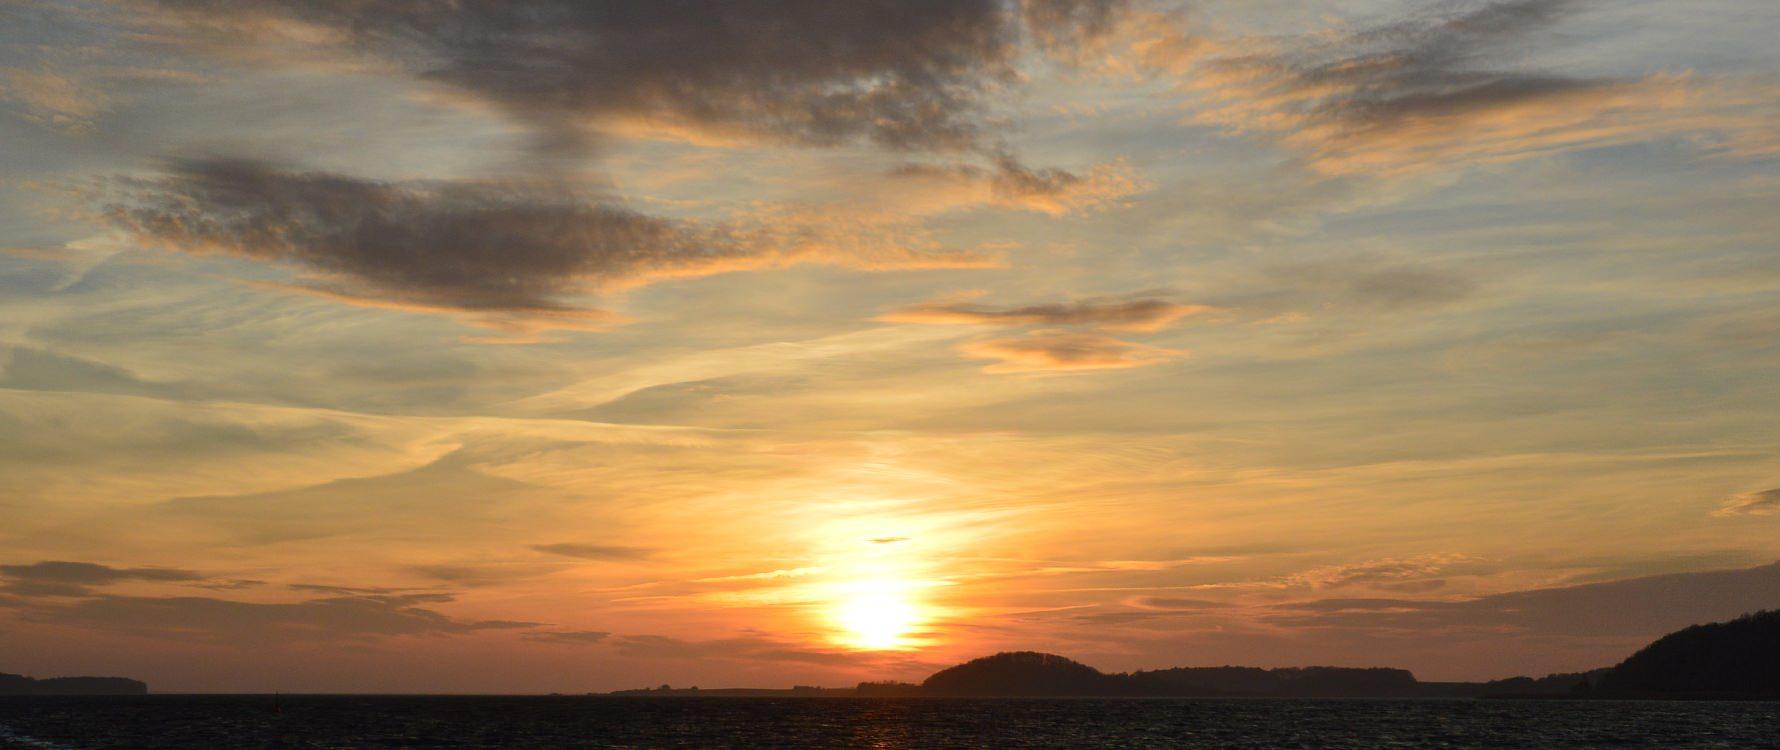 Sonnenuntergang im Biosphärenreservat vom Ostseebad Baabe auf der Insel Rügen